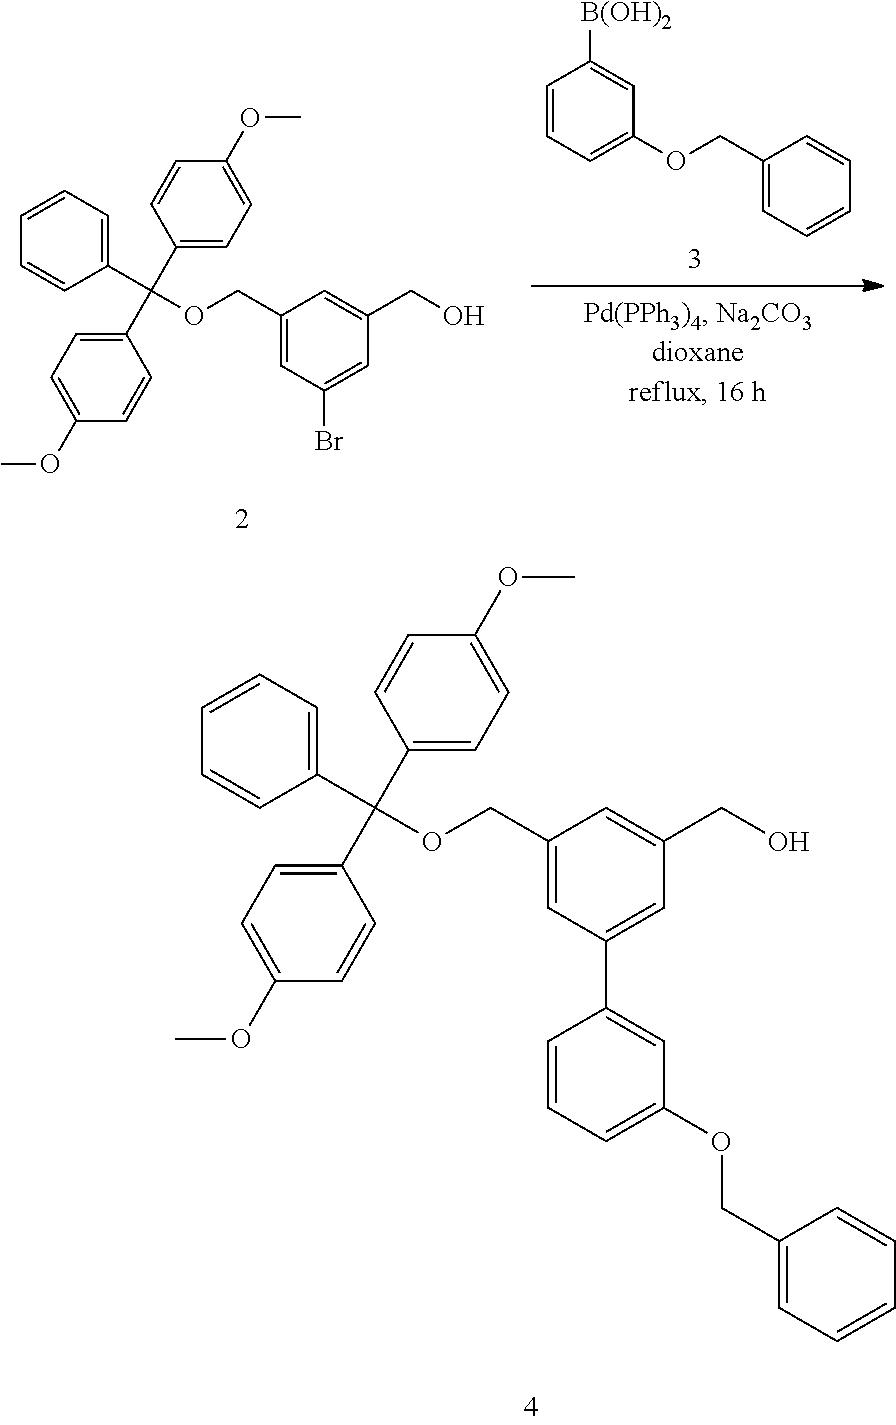 Figure US09988627-20180605-C00362